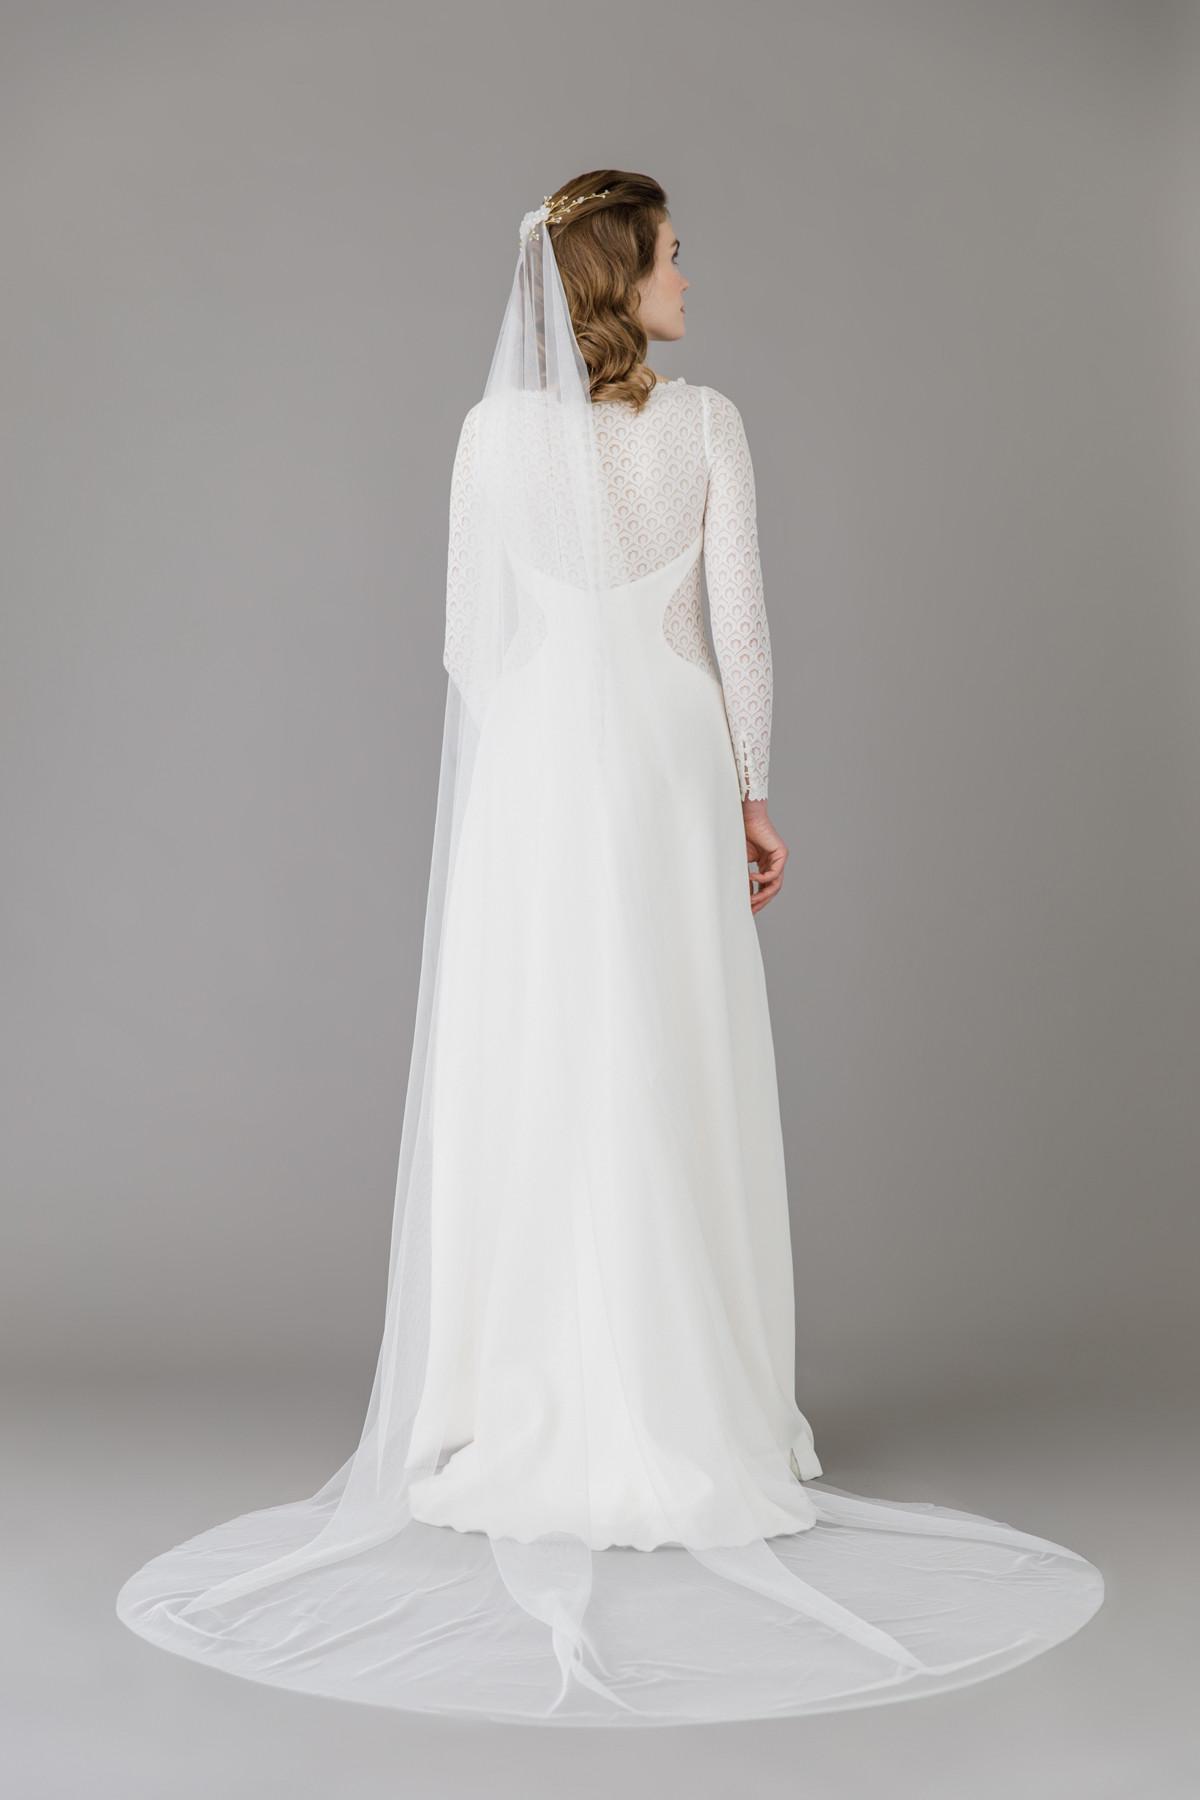 Uk Wedding Veils  Best of British Luxury Handcrafted Bridal Accessories